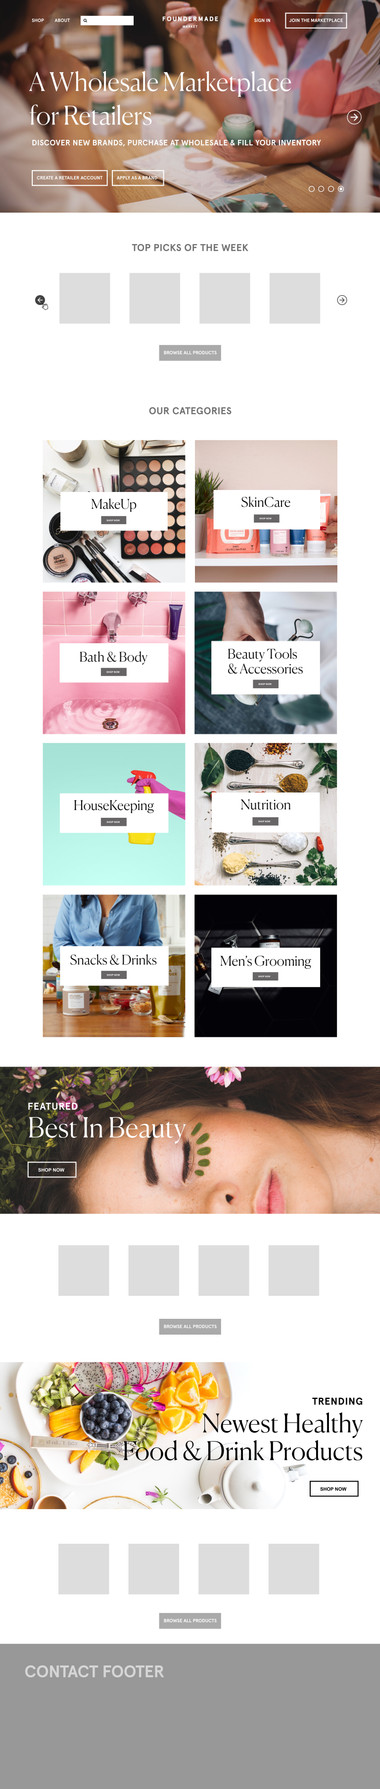 Homepage_2 – 2_2x.jpg